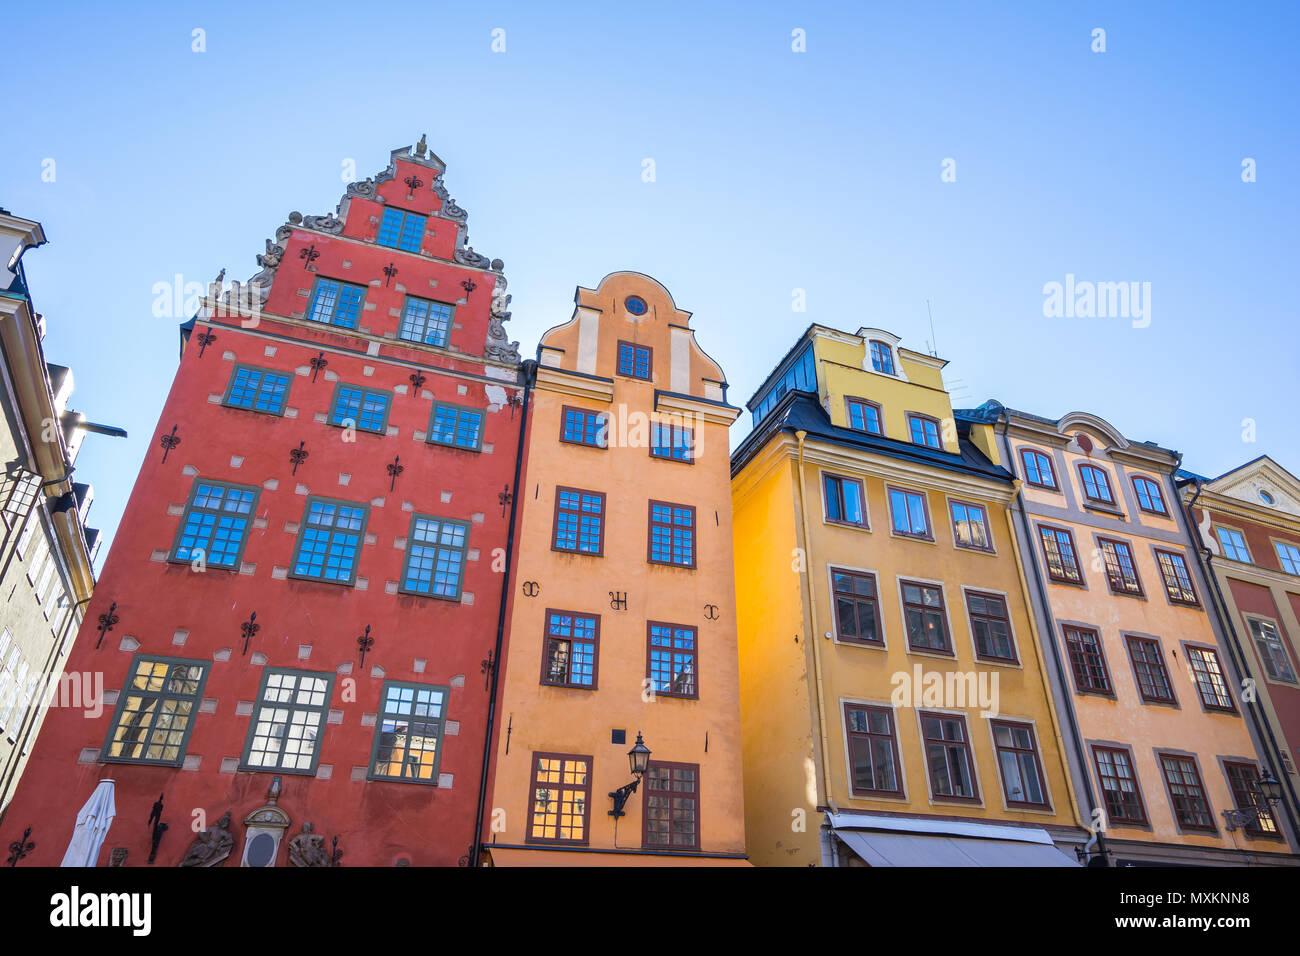 Gamla Stan città vecchia nella città di Stoccolma, Svezia. Immagini Stock